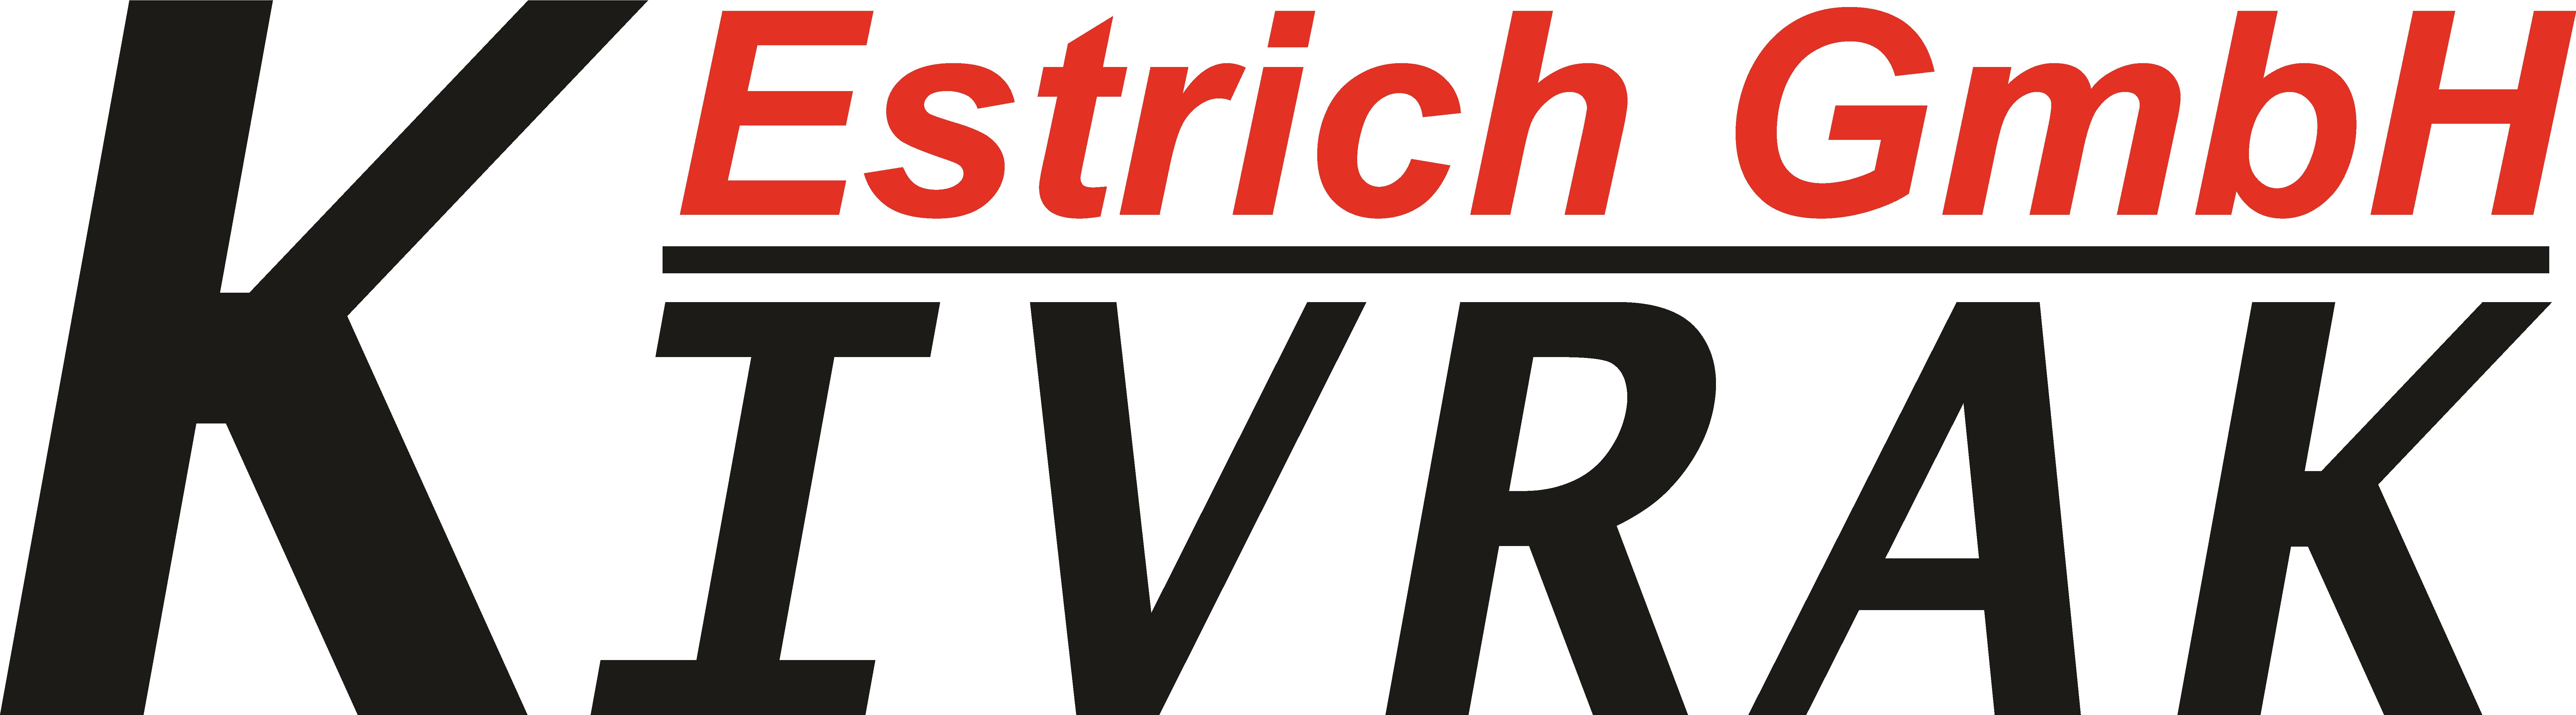 Kivrak Estriche